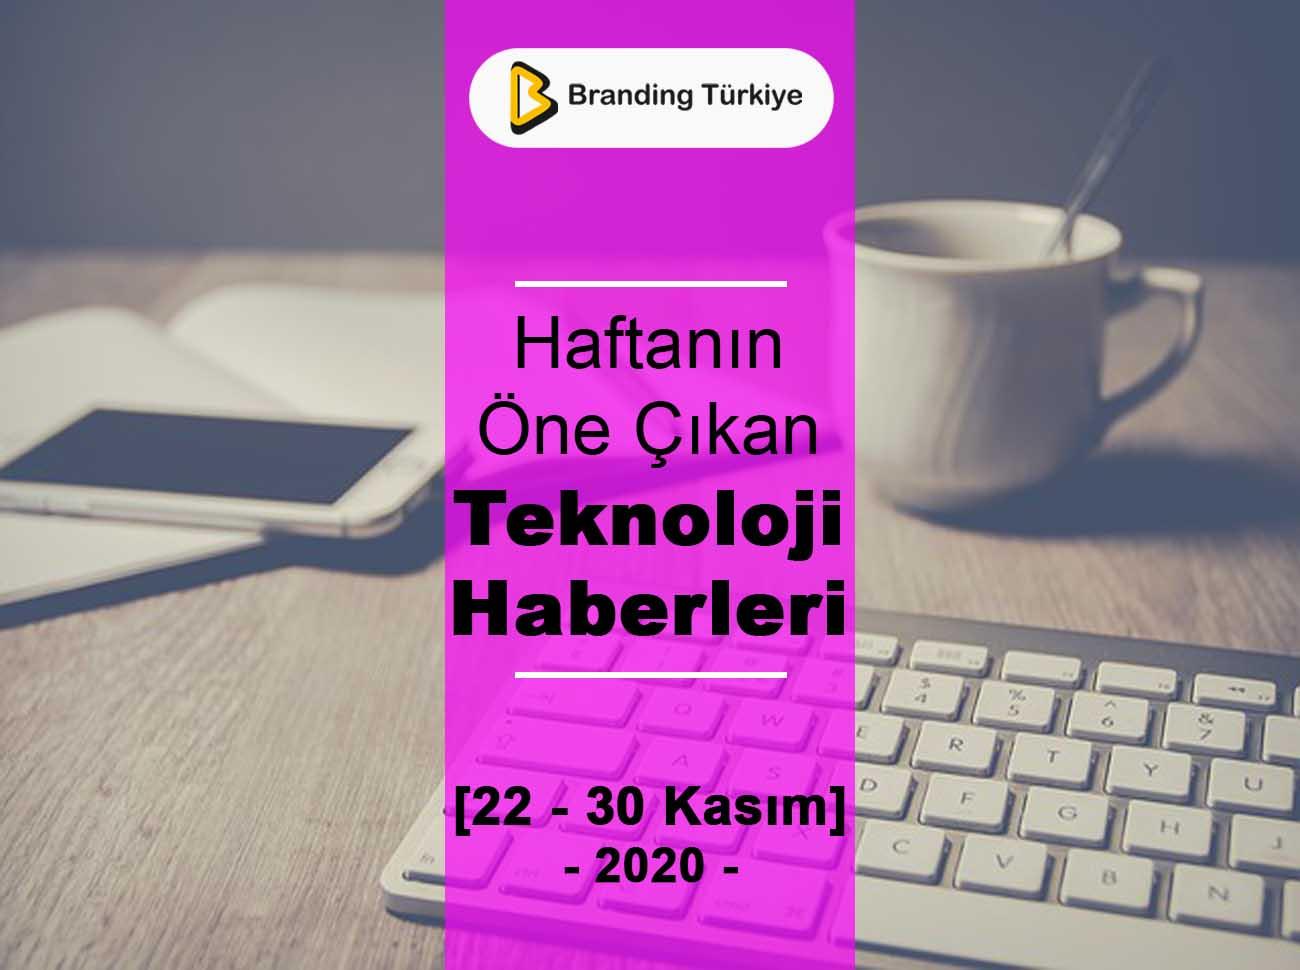 Teknoloji Haberleri (22 - 30 Kasım 2020)